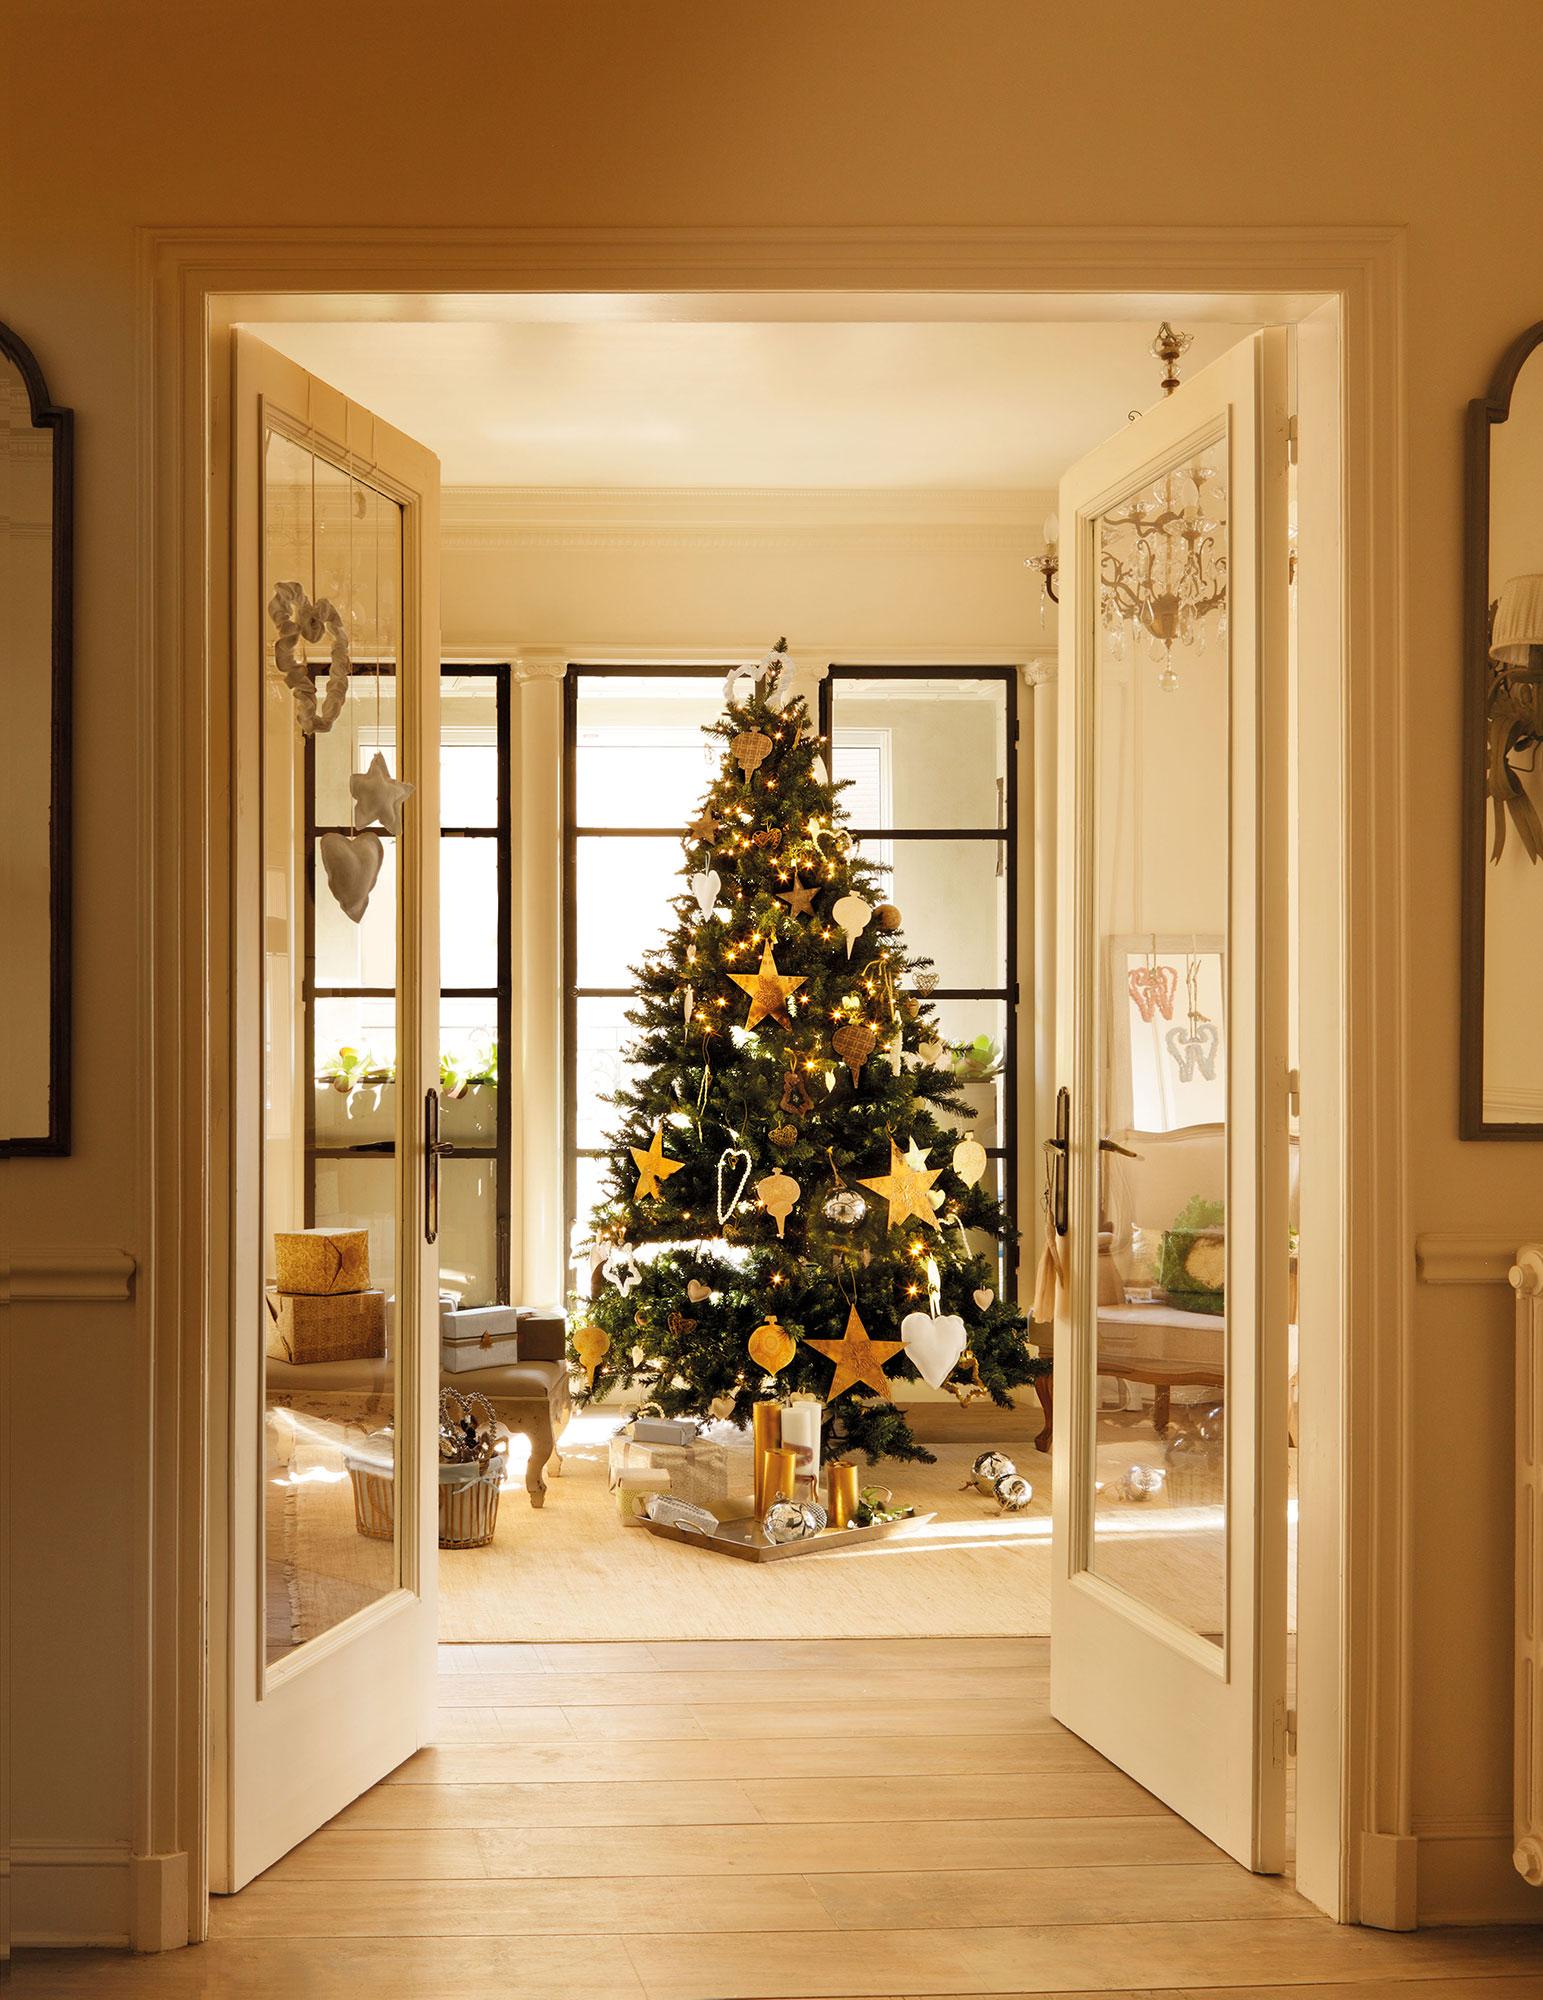 Árbol de Navidad con adornos dorados